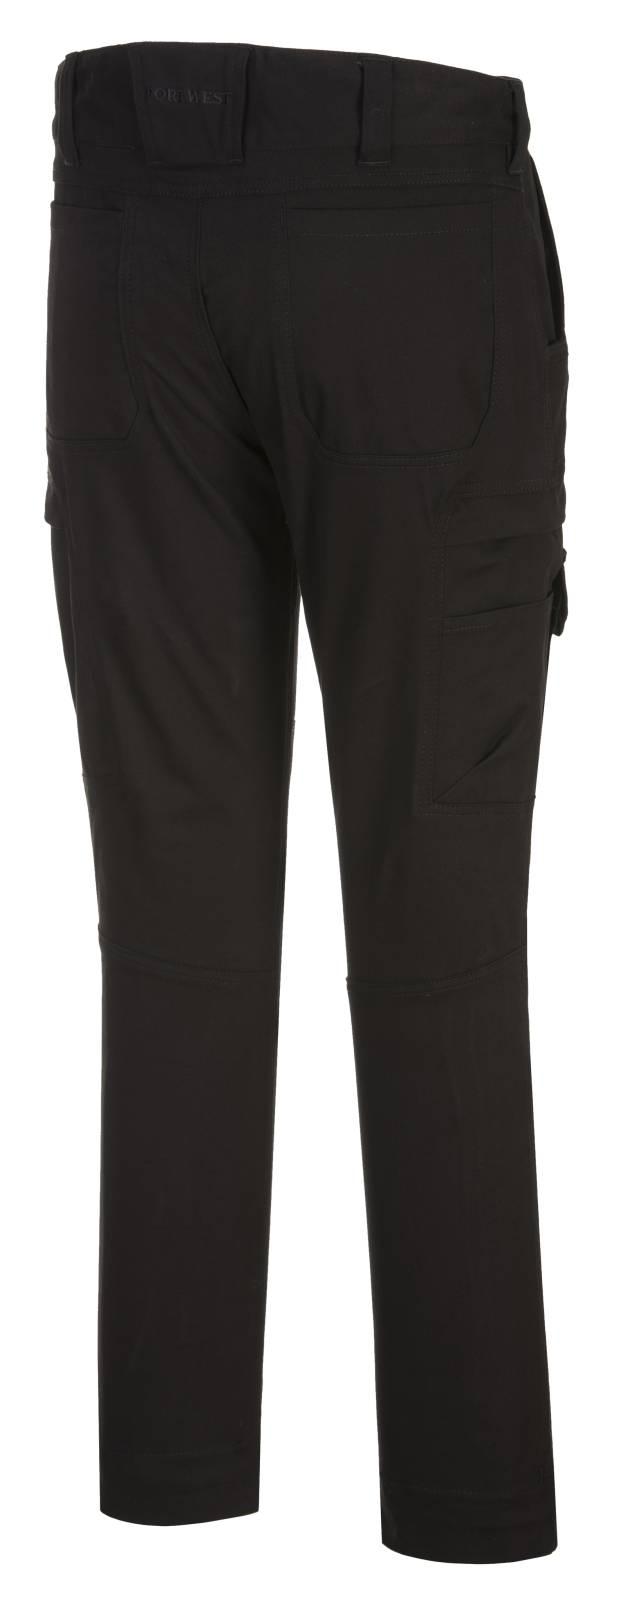 Portwest Broeken T801 zwart(BK)